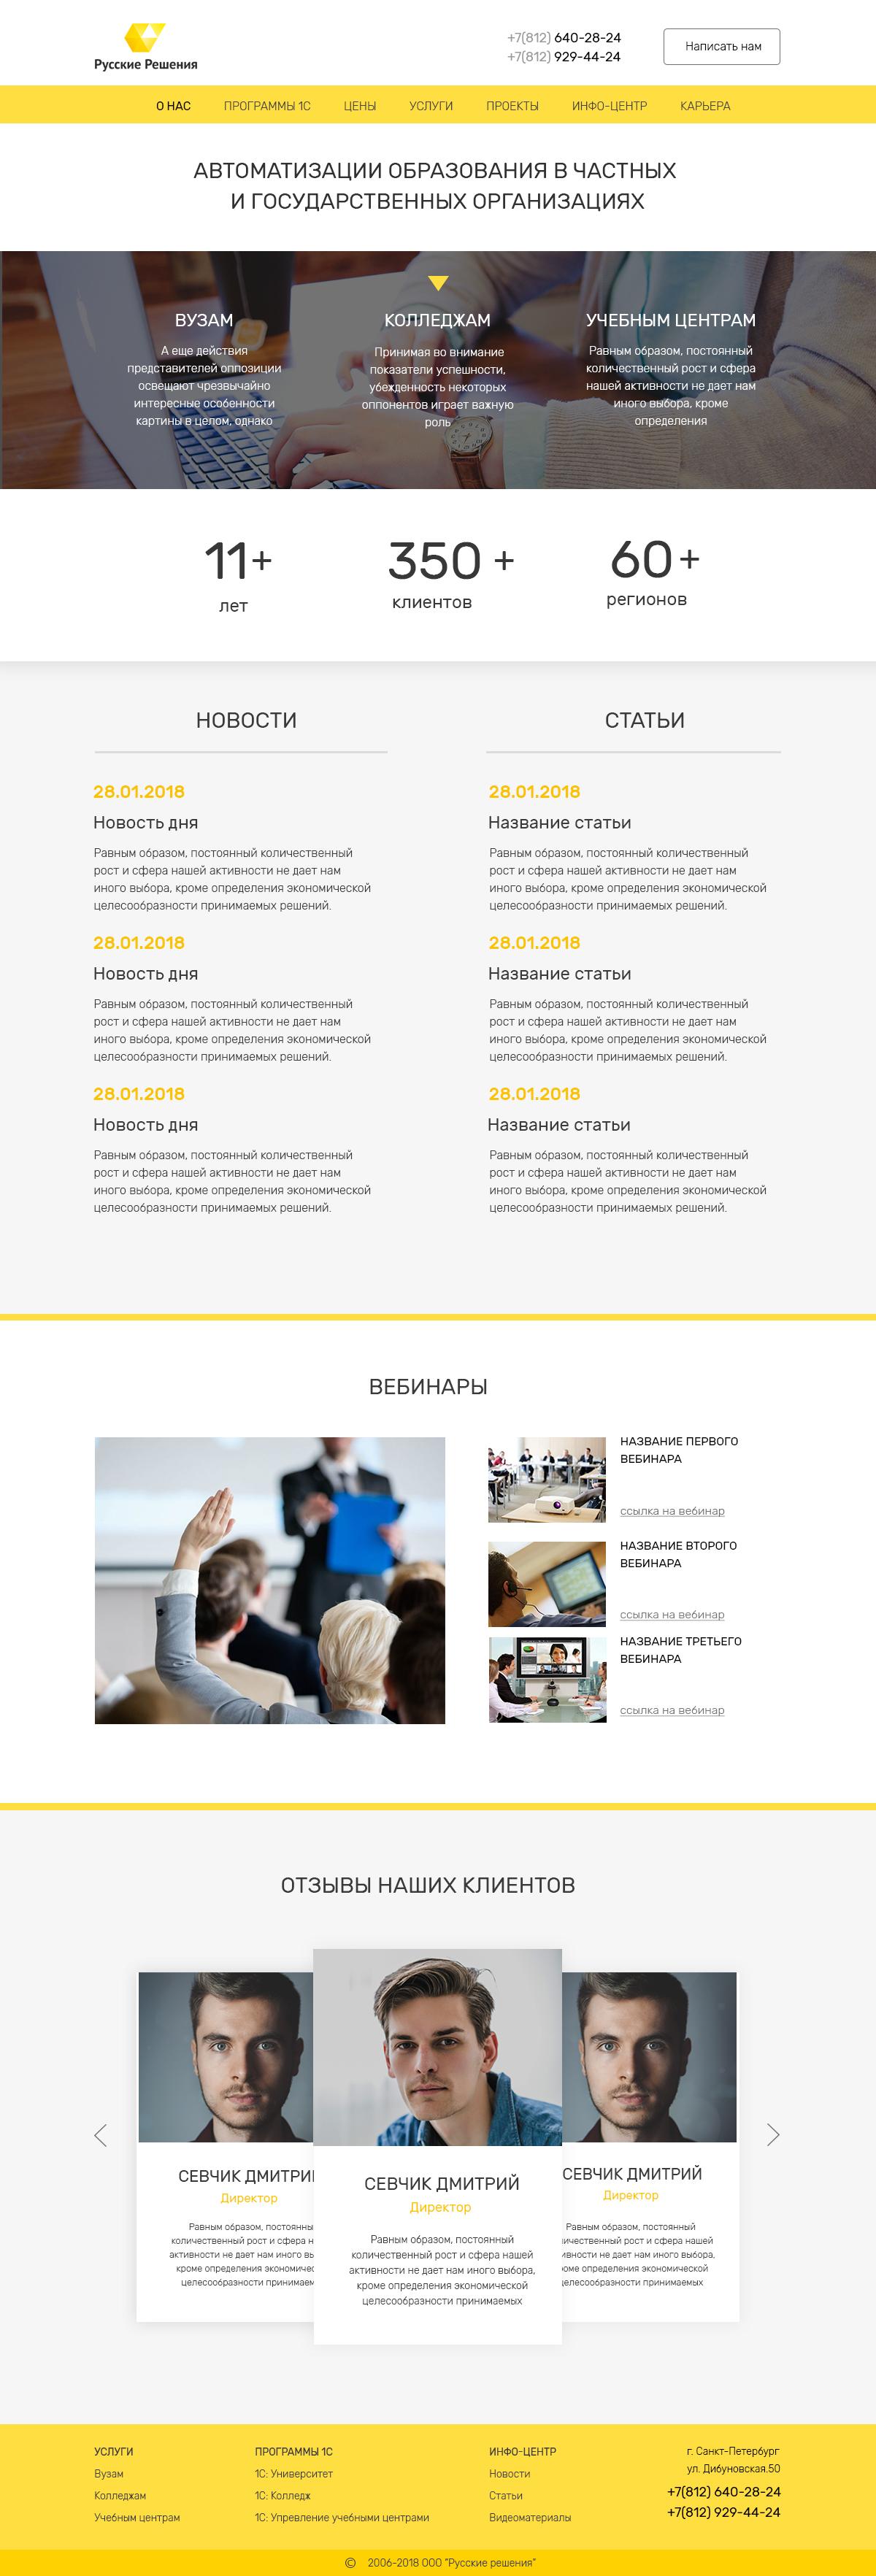 Дизайн главной страницы сайта фото f_0655a59efa88c736.jpg